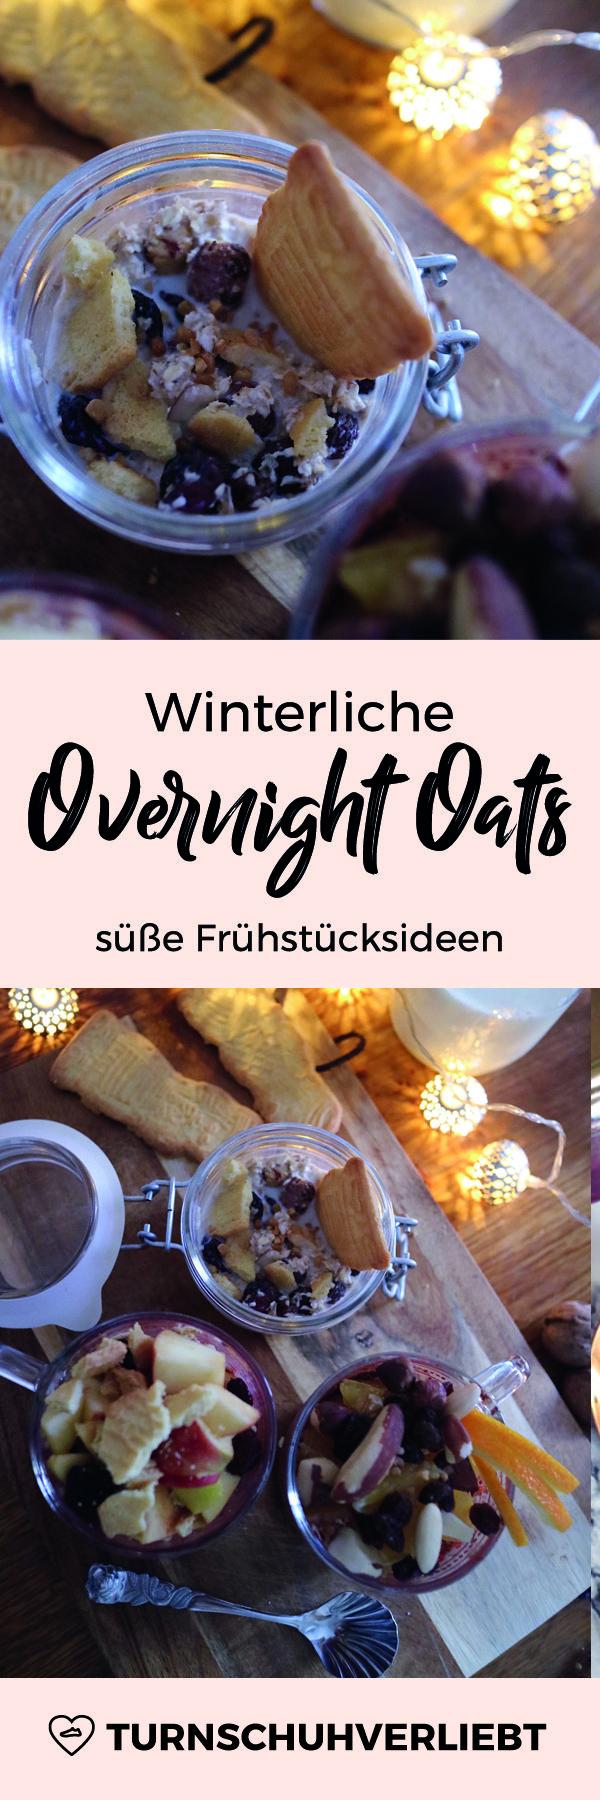 Drei winterliche Rezepte von Christmas Overnight Oats warten auf Sie …   – turnschuhverliebt | Fitness & Laufblog | Blogposts